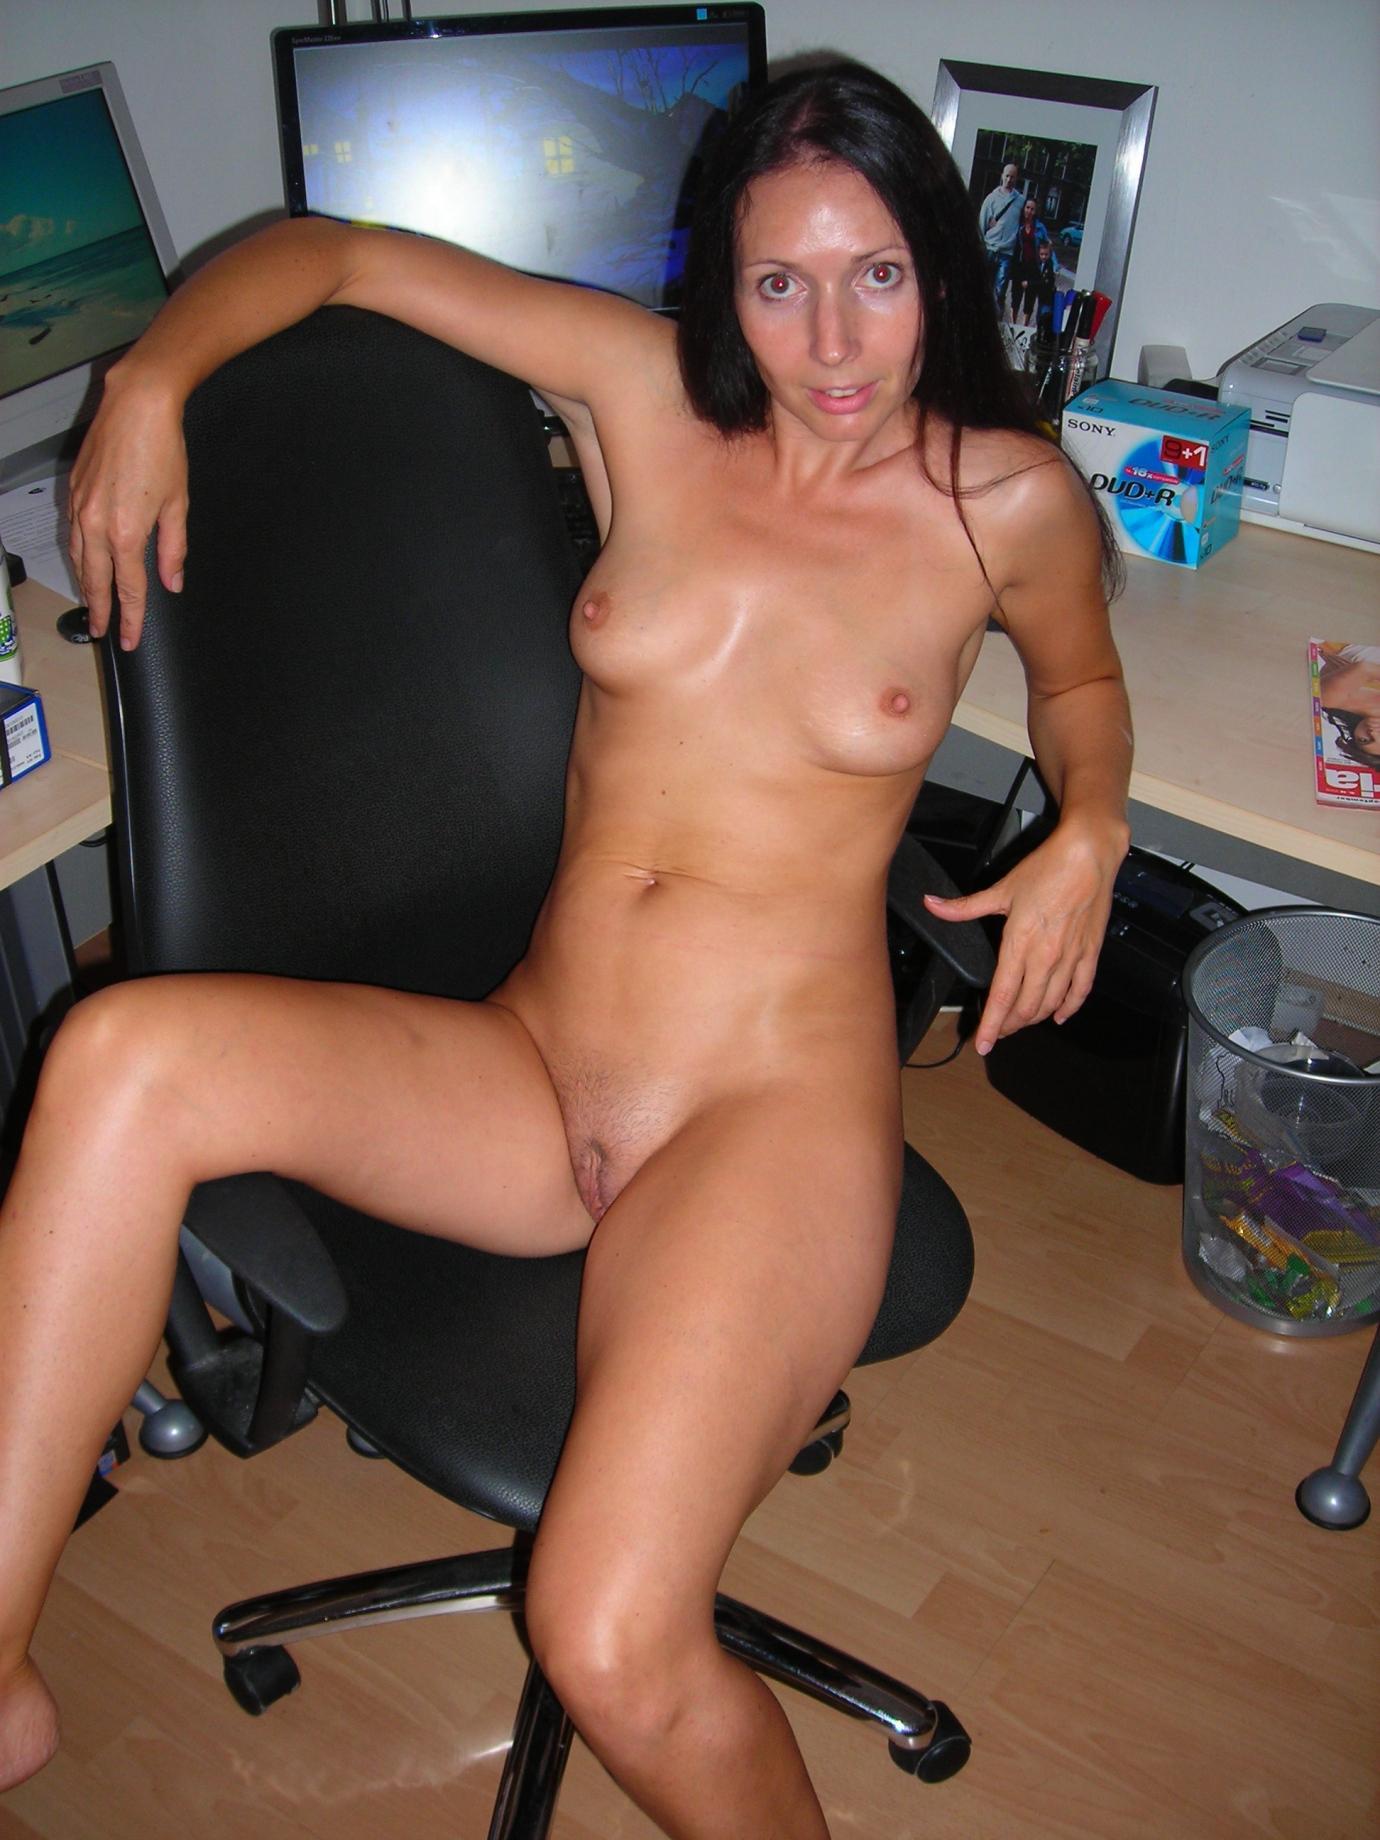 Hot Brunette Amateur Hard